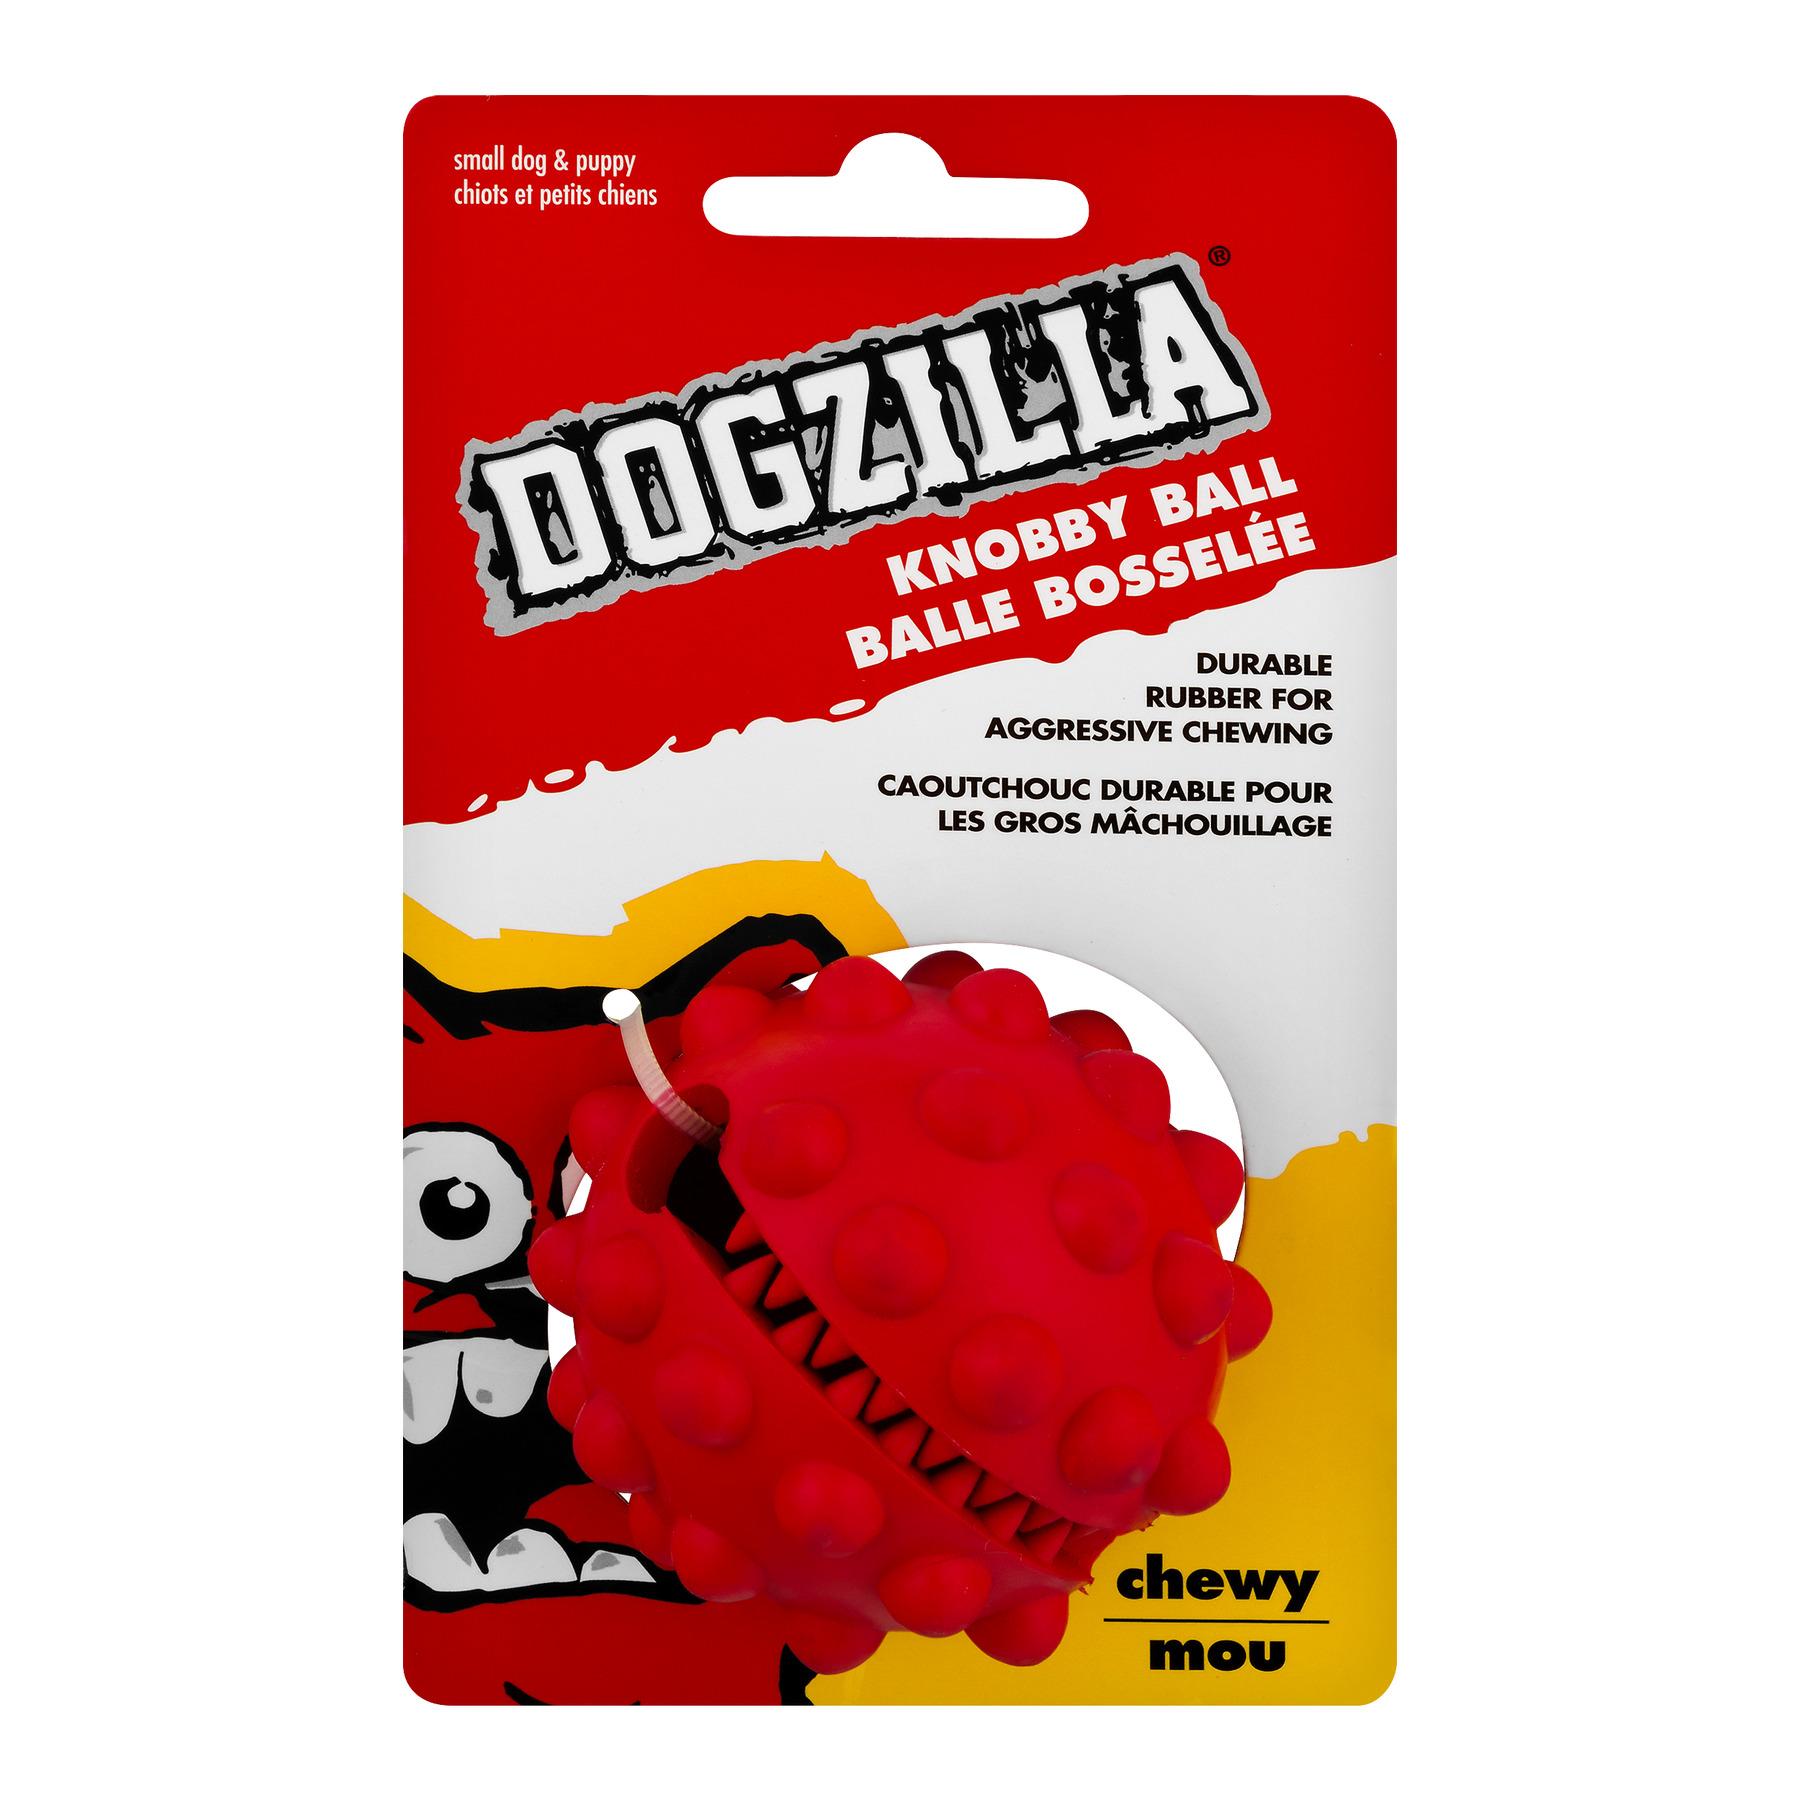 DOGZILLA KNOBBY TREAT BALL - SMALL